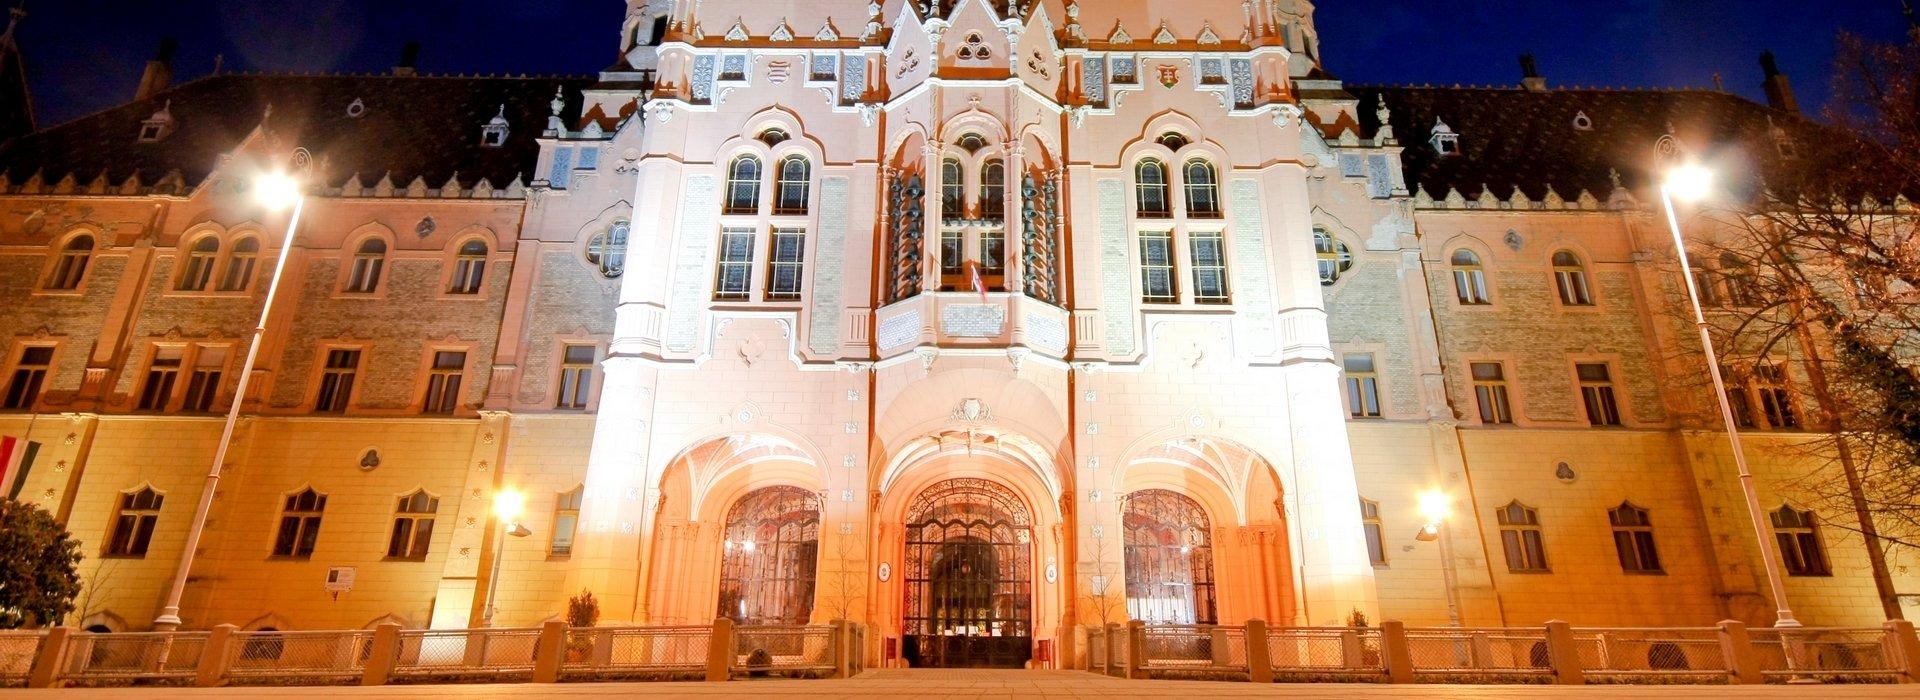 Szent Miklós plébániatemplom (Barátok temploma)